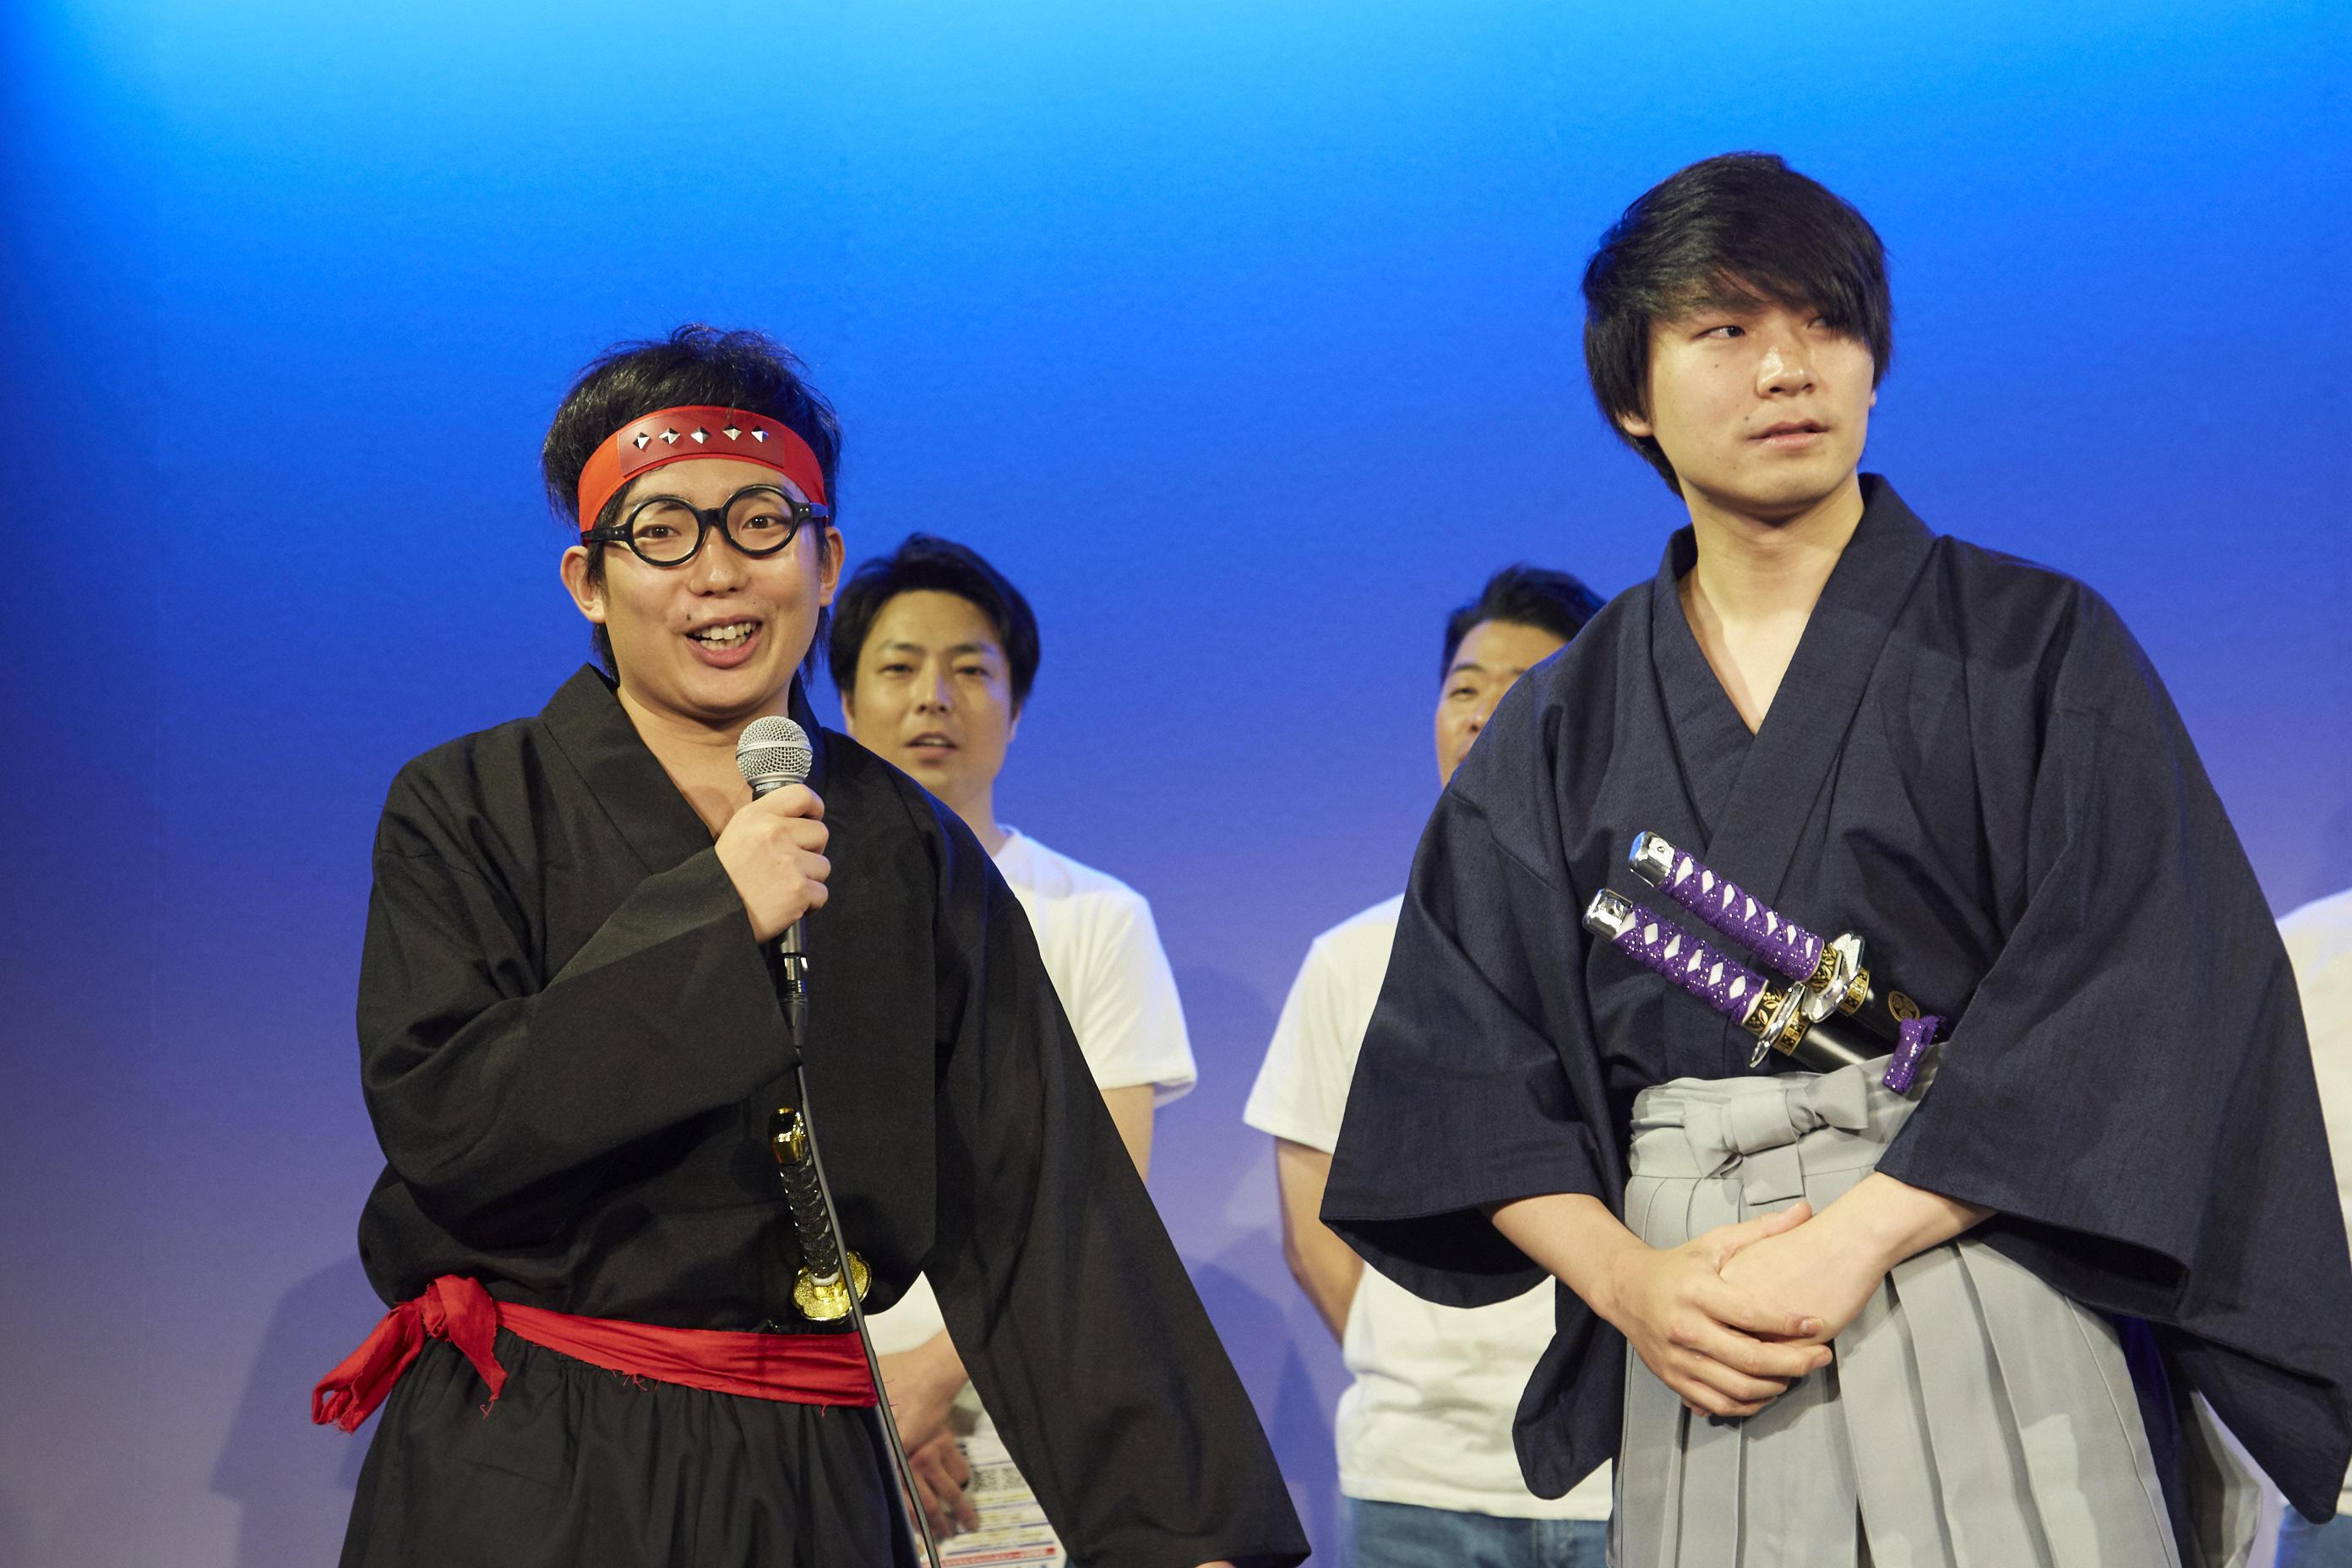 http://news.yoshimoto.co.jp/20180711200834-78d88c5ba82166bea77e1d99bdd3d8abf800ff0e.jpg